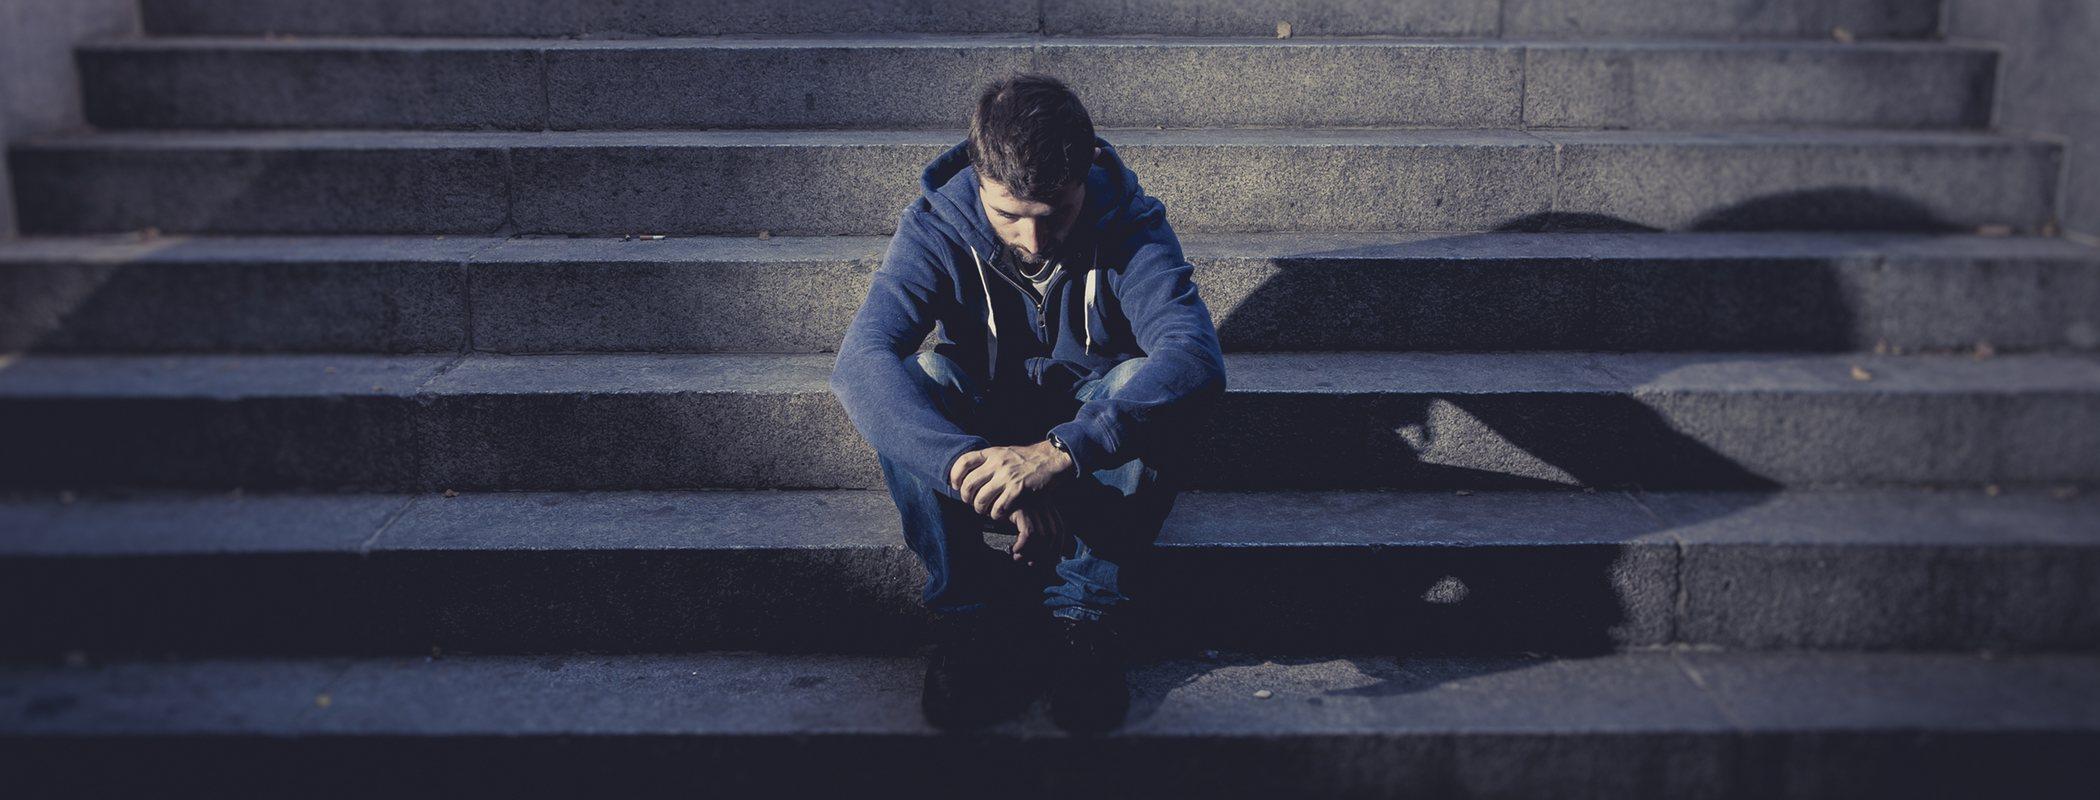 Violaciones a hombres: la realidad de un crimen que a veces se vive en silencio